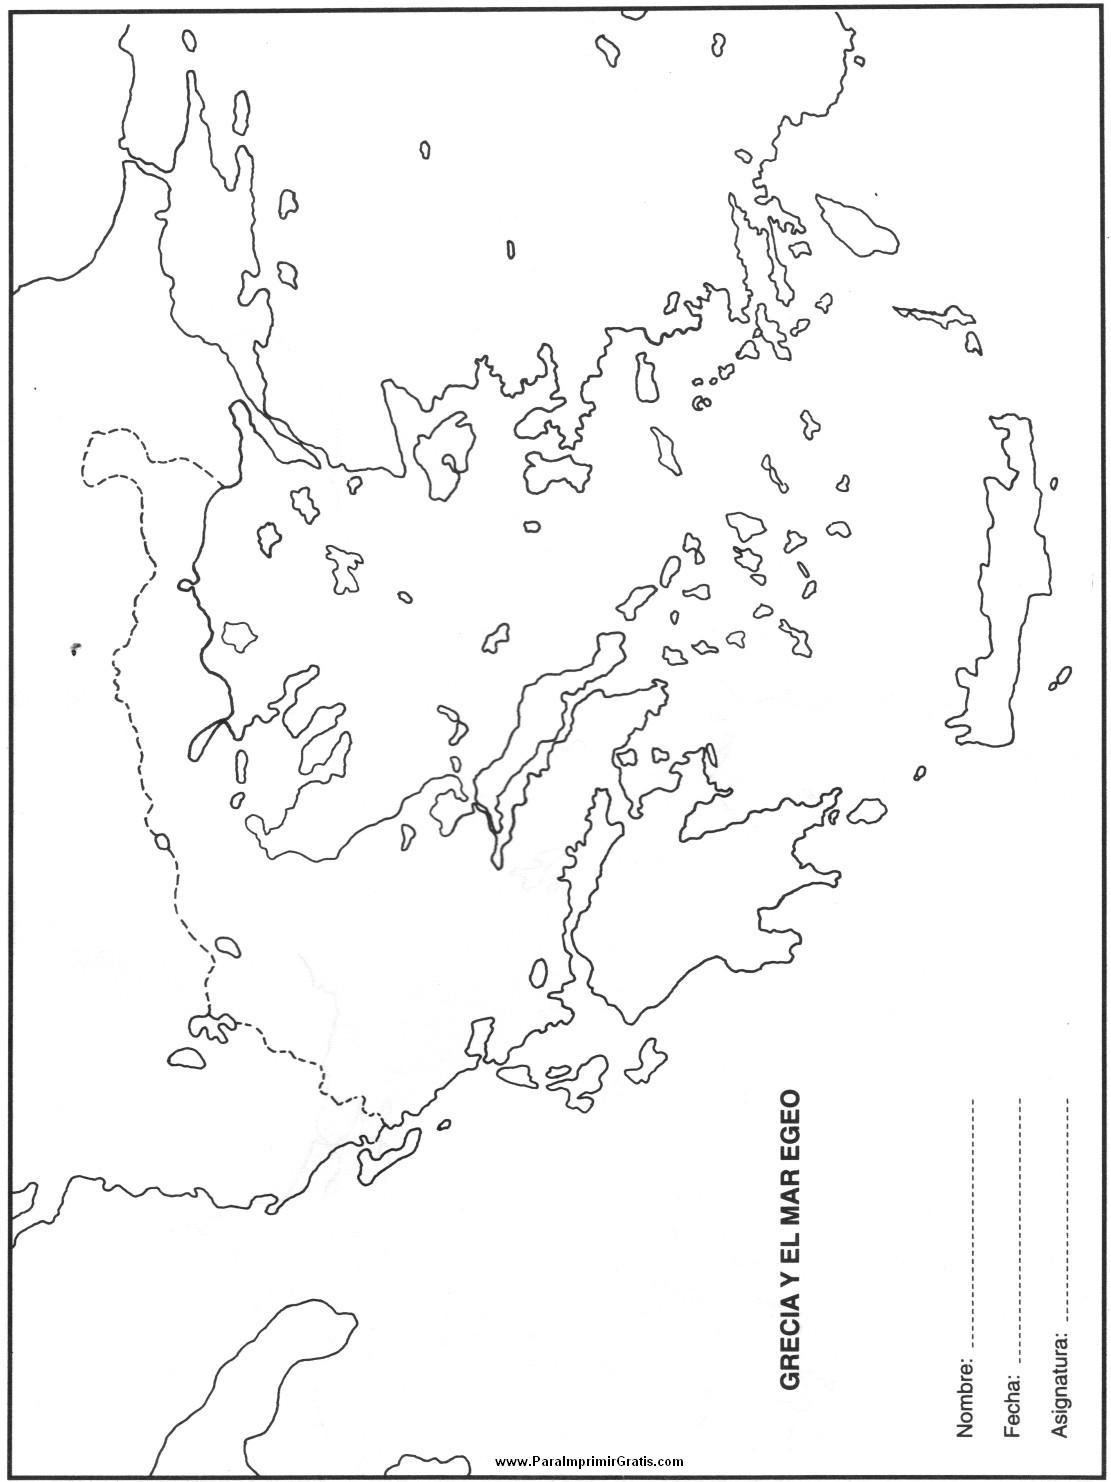 Mapa Mudo Grecia Antigua.Mapa De Grecia Para Imprimir Gratis Paraimprimirgratis Com